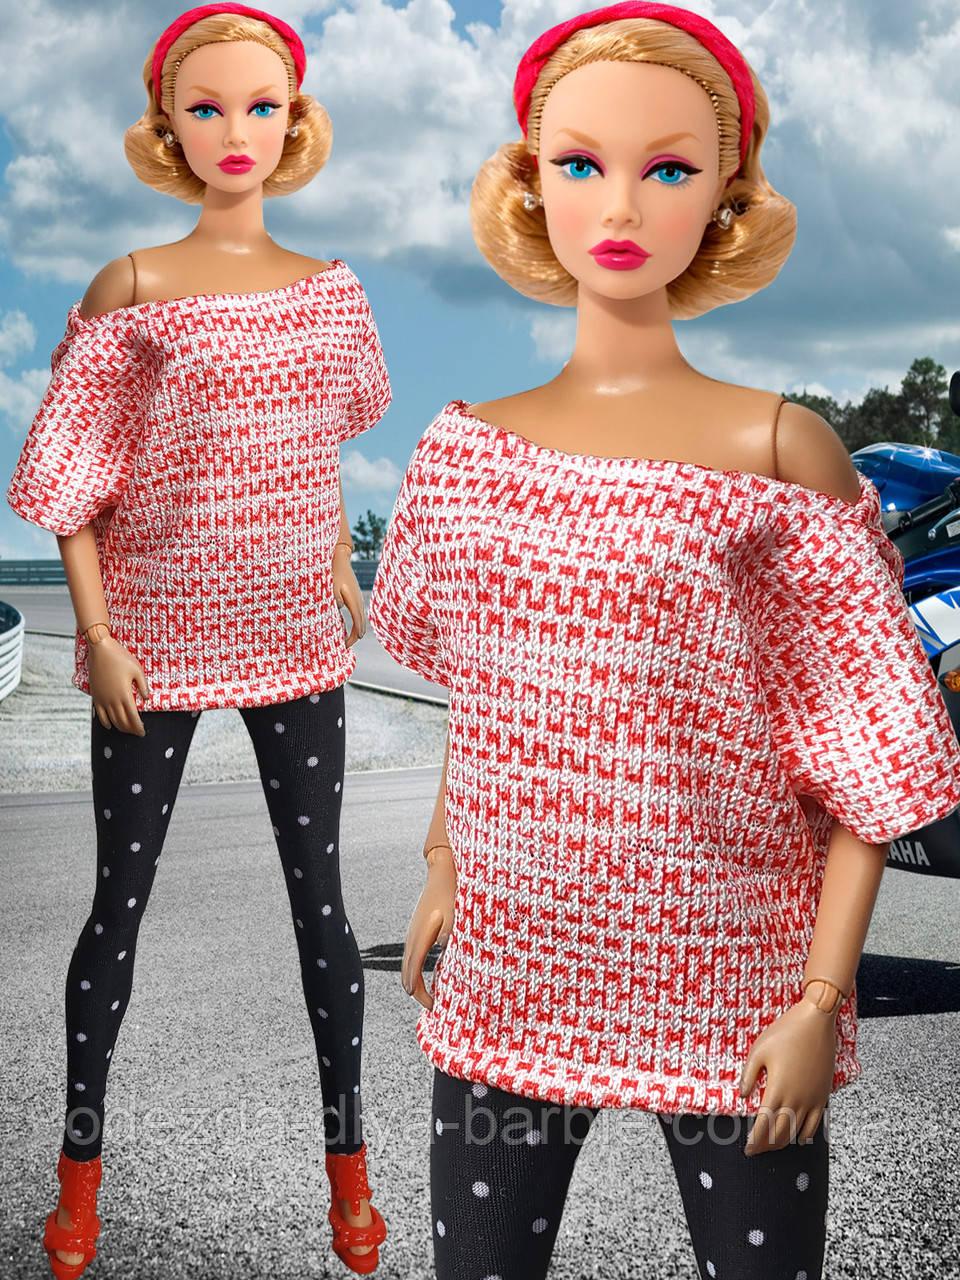 Одежда для кукол Барби - туника и лосины